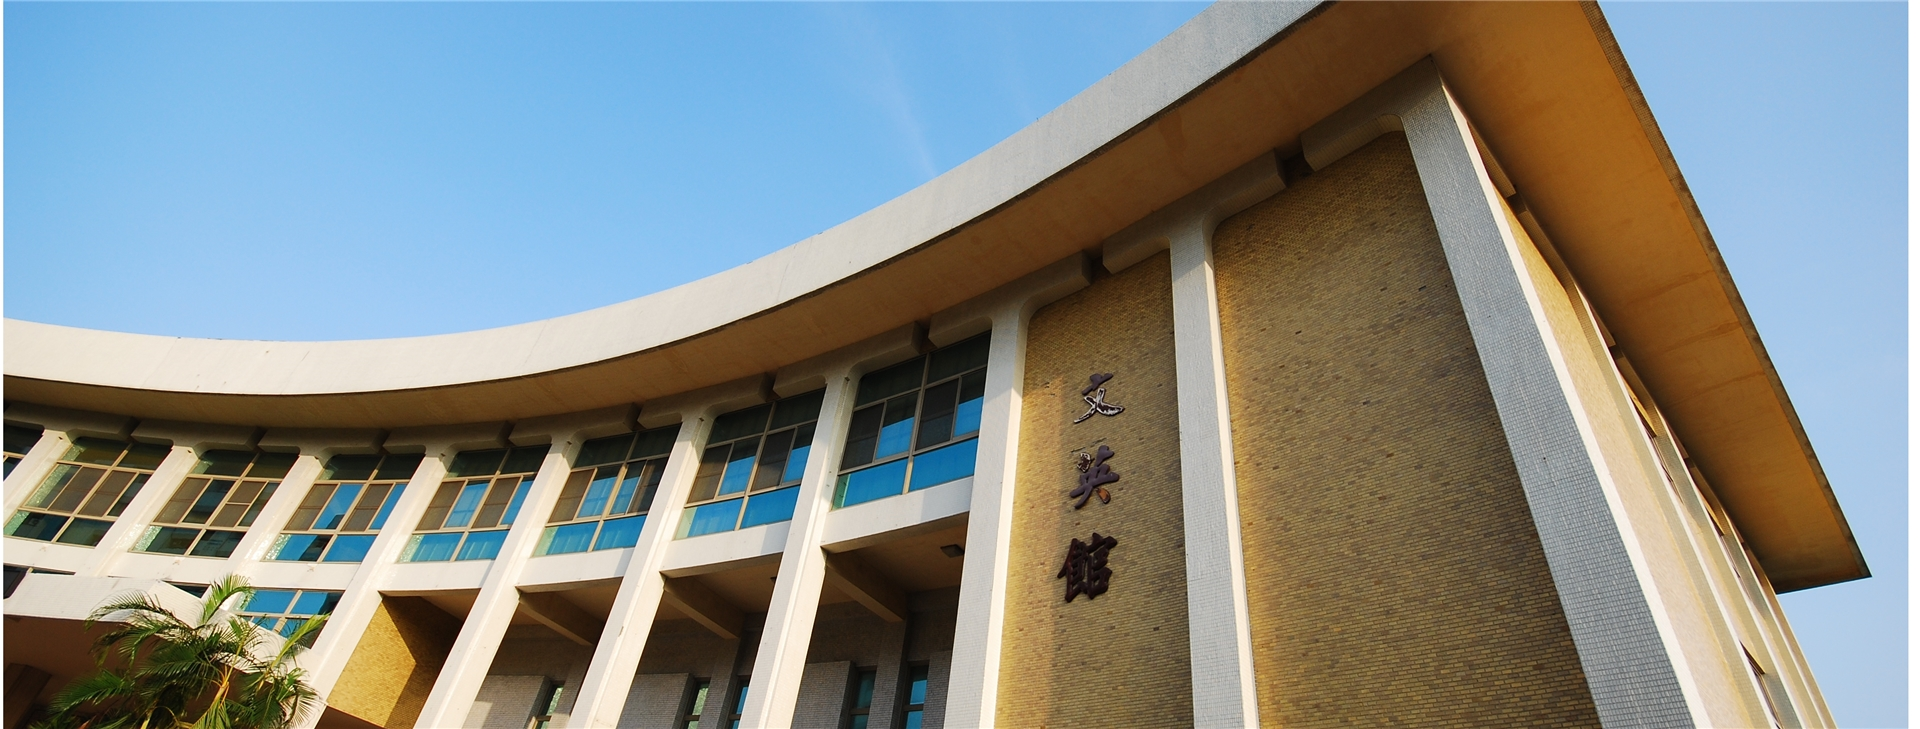 Wenying Hall